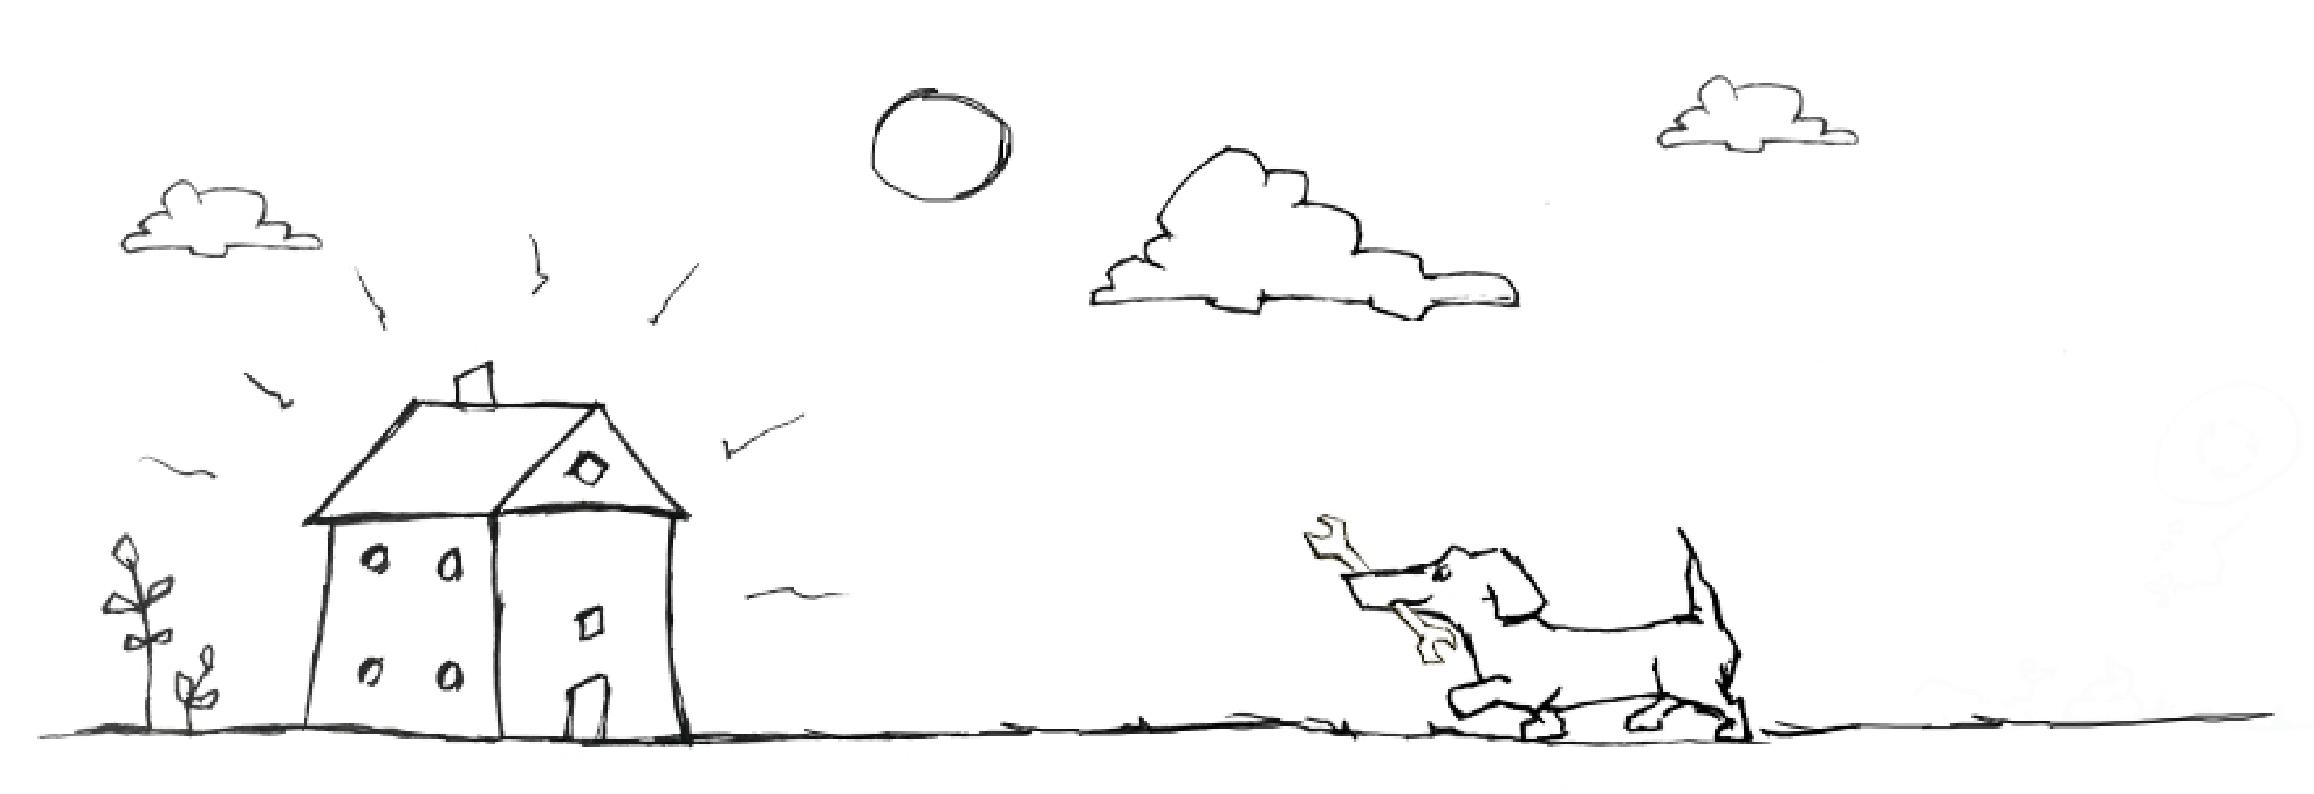 Illustration af en hund med en svensknøgle i munden på vej hen til et hus